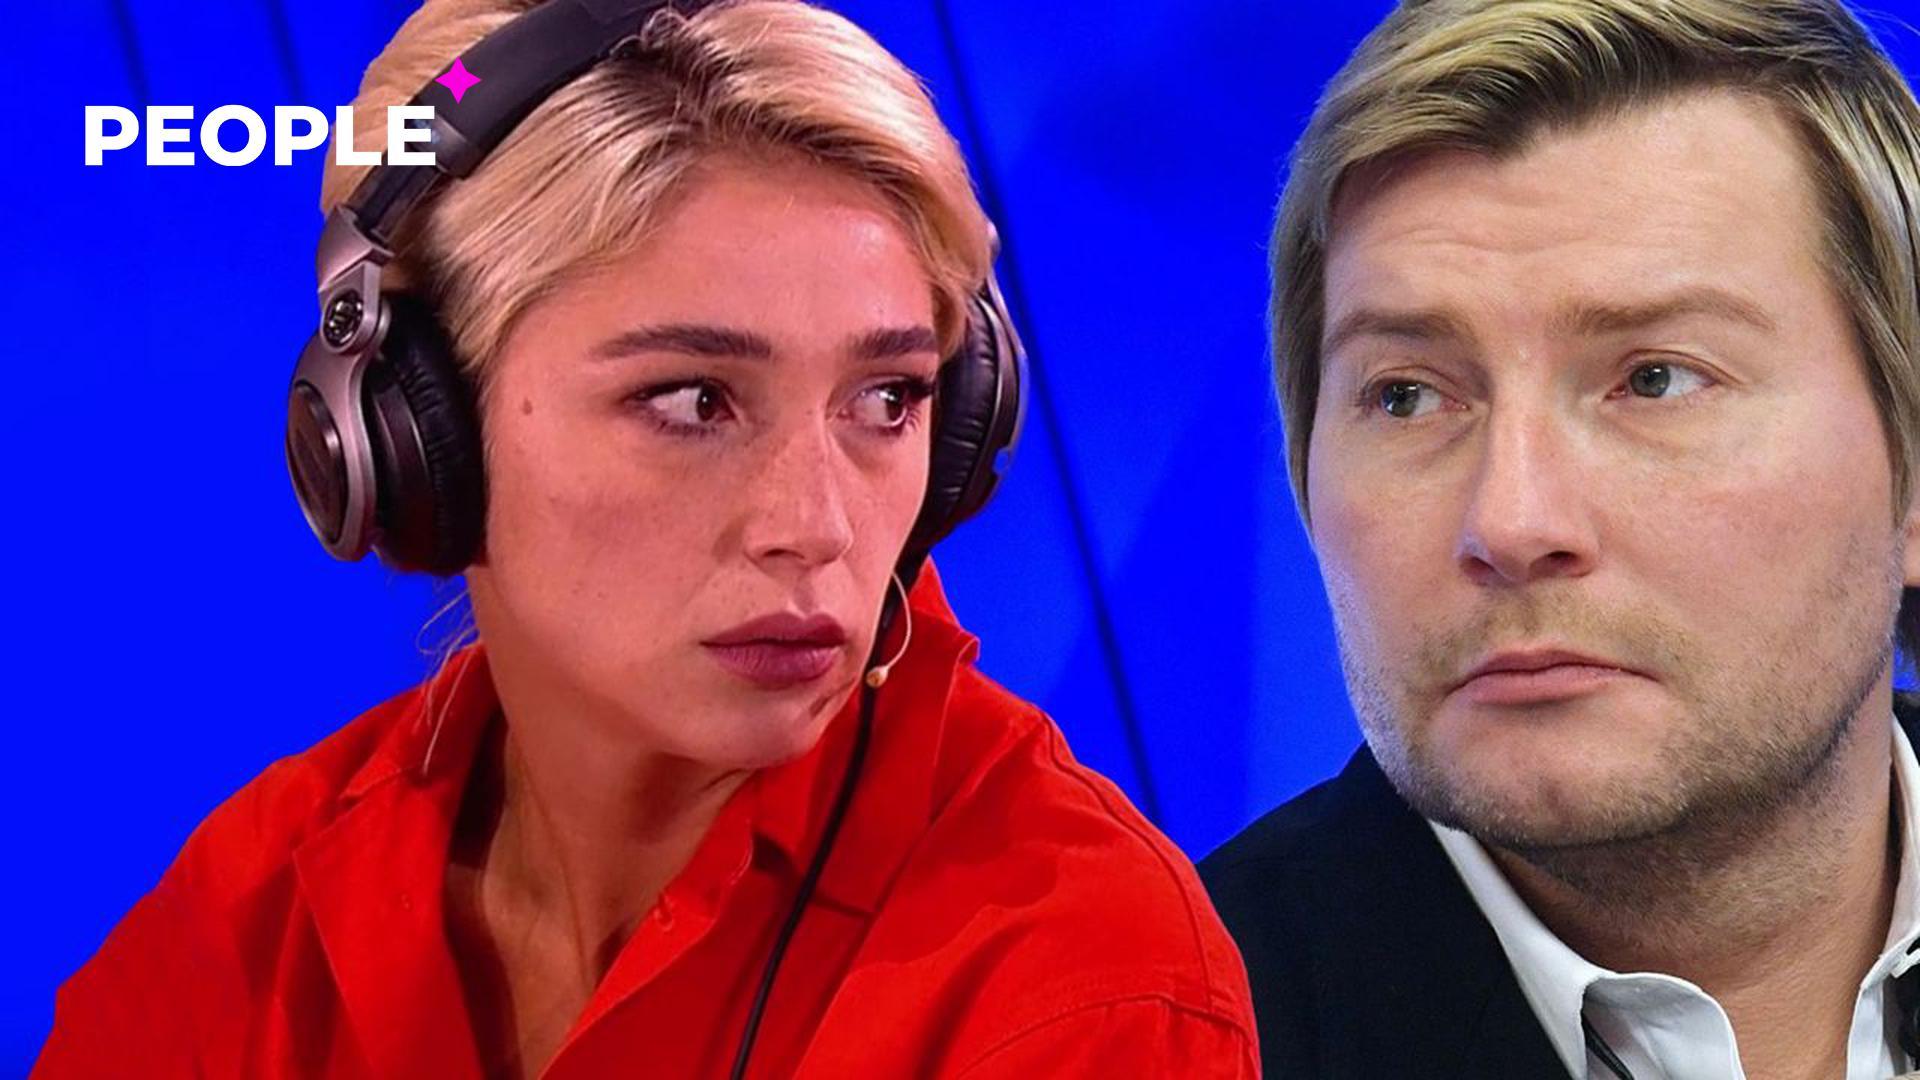 Николай Басков страстно поцеловал замужнюю Анастасию Ивлееву